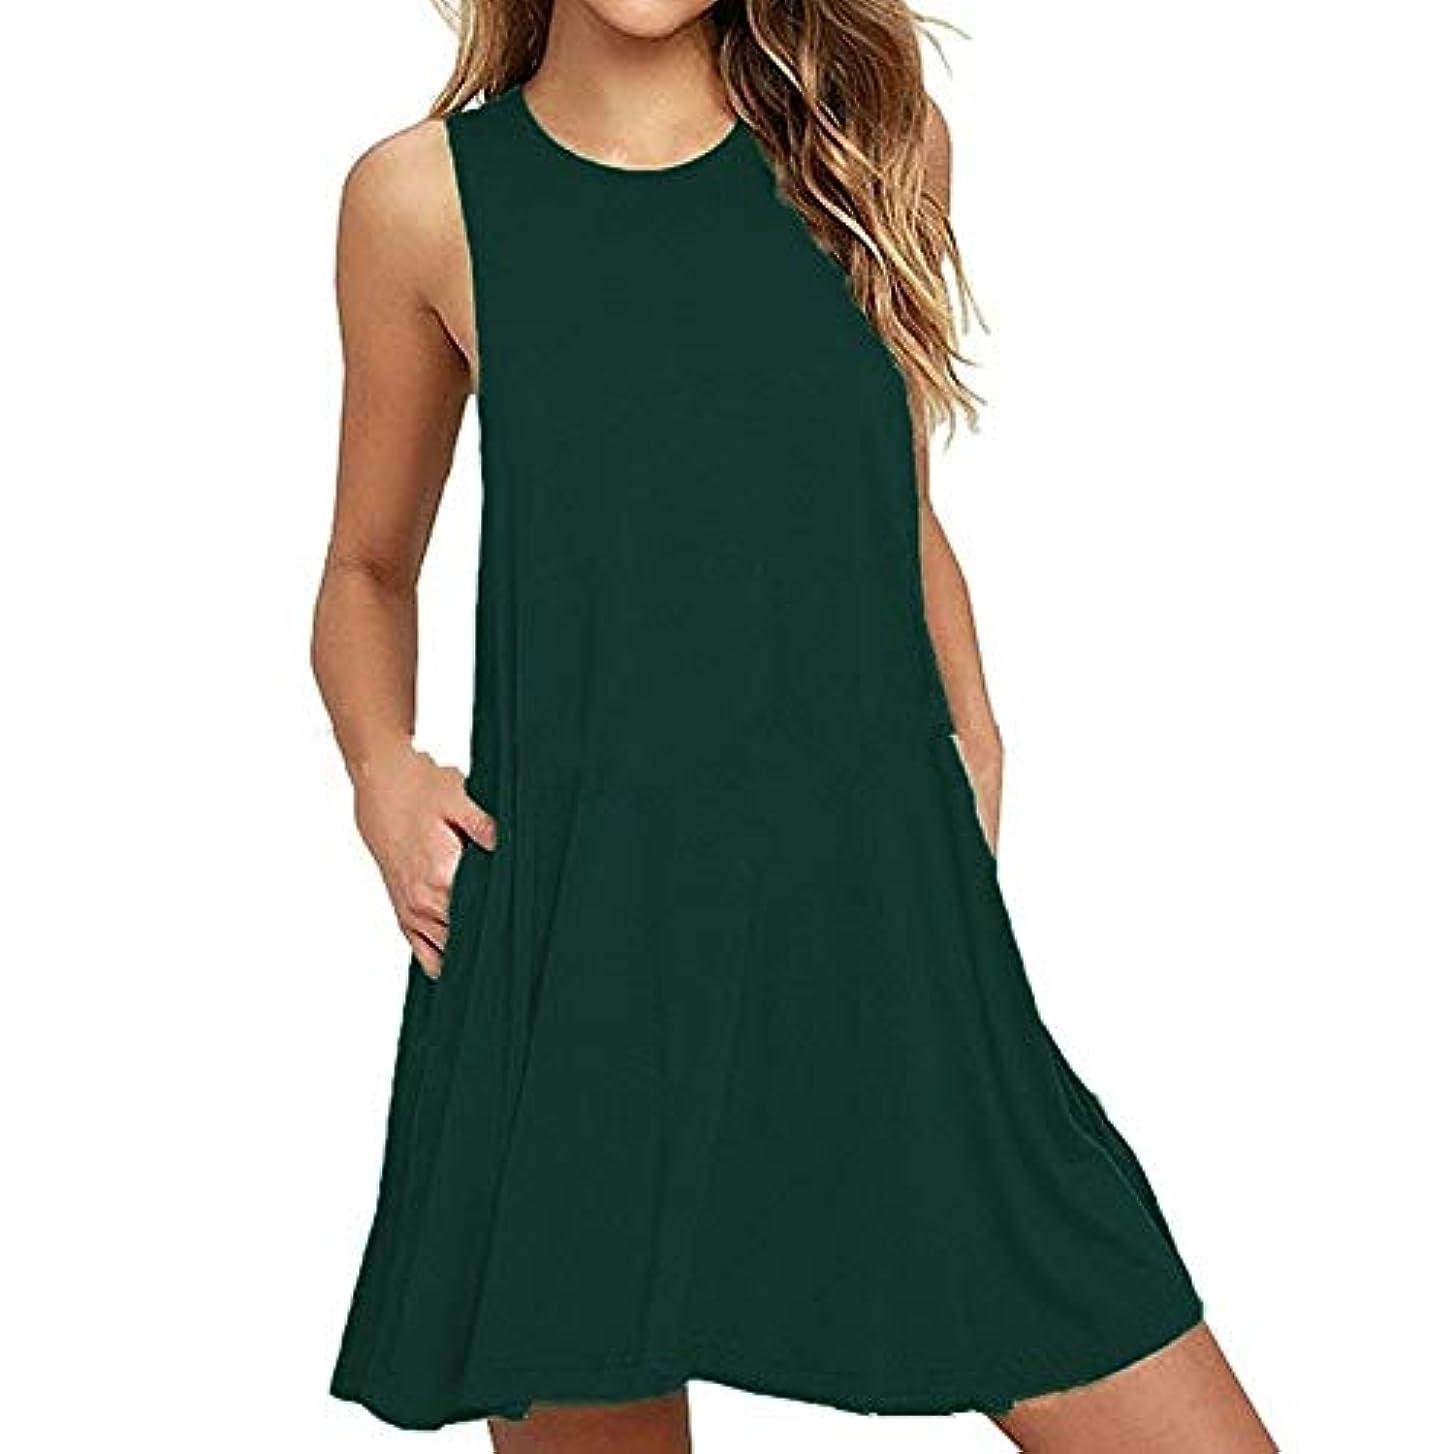 薄汚い終了する絶滅MIFAN 人の女性のドレス、プラスサイズのドレス、ノースリーブのドレス、ミニドレス、ホルタードレス、コットンドレス